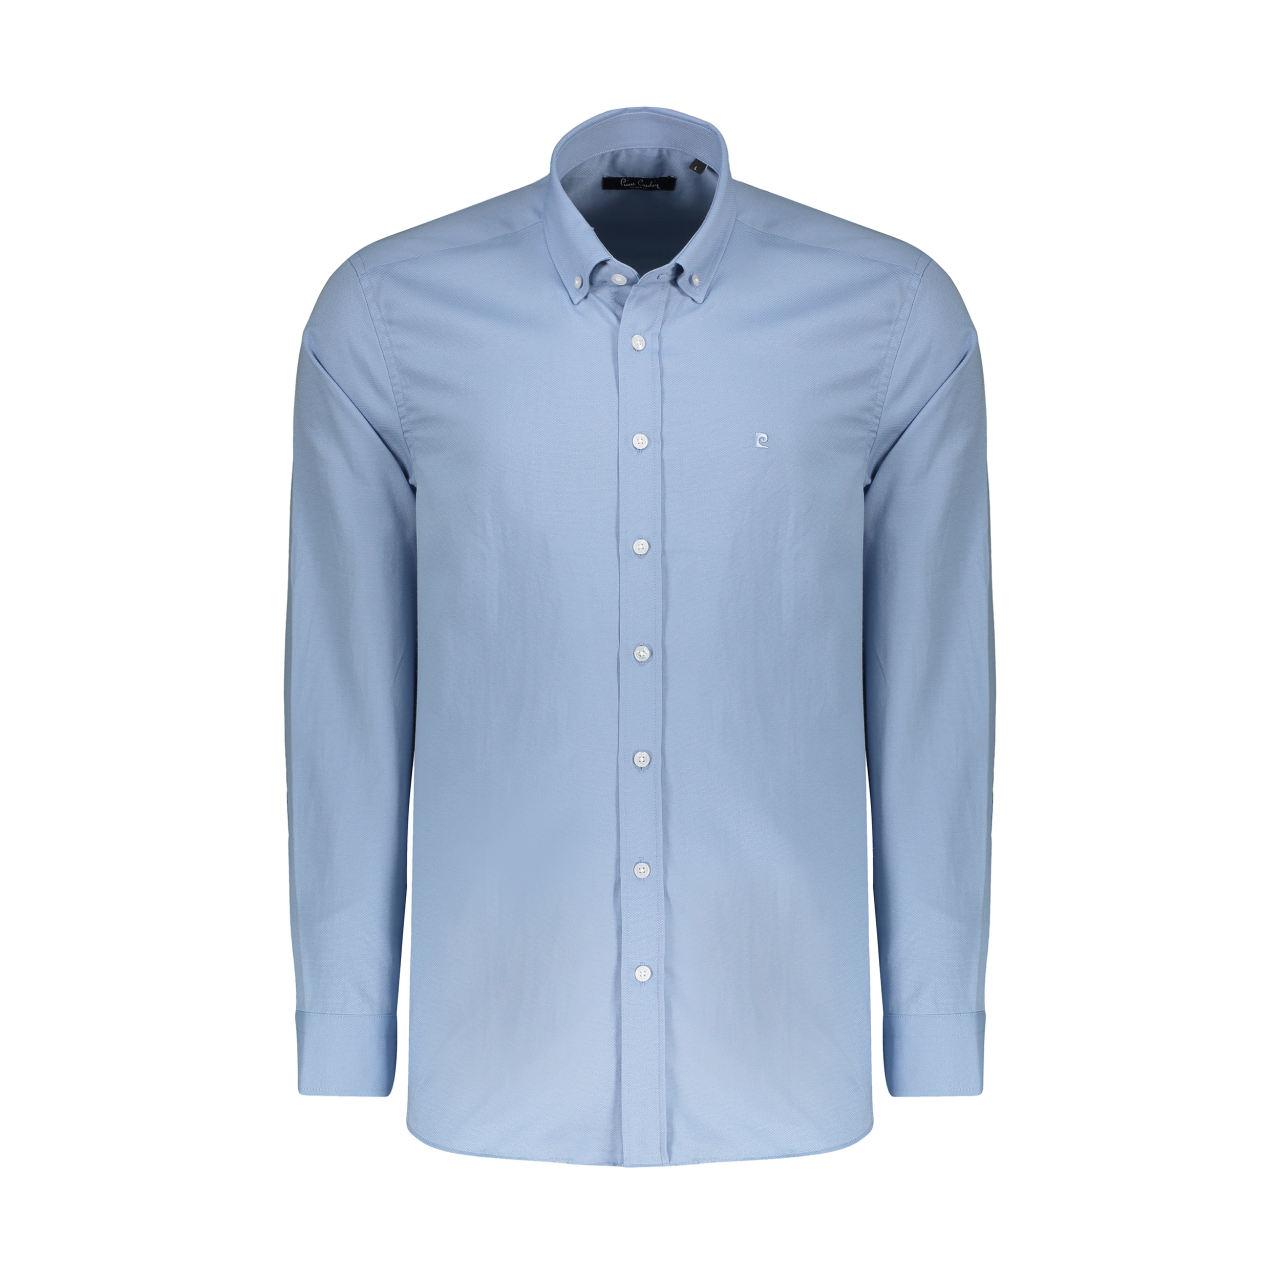 پیراهن آستین بلند مردانه پیر کاردین مدل pc558